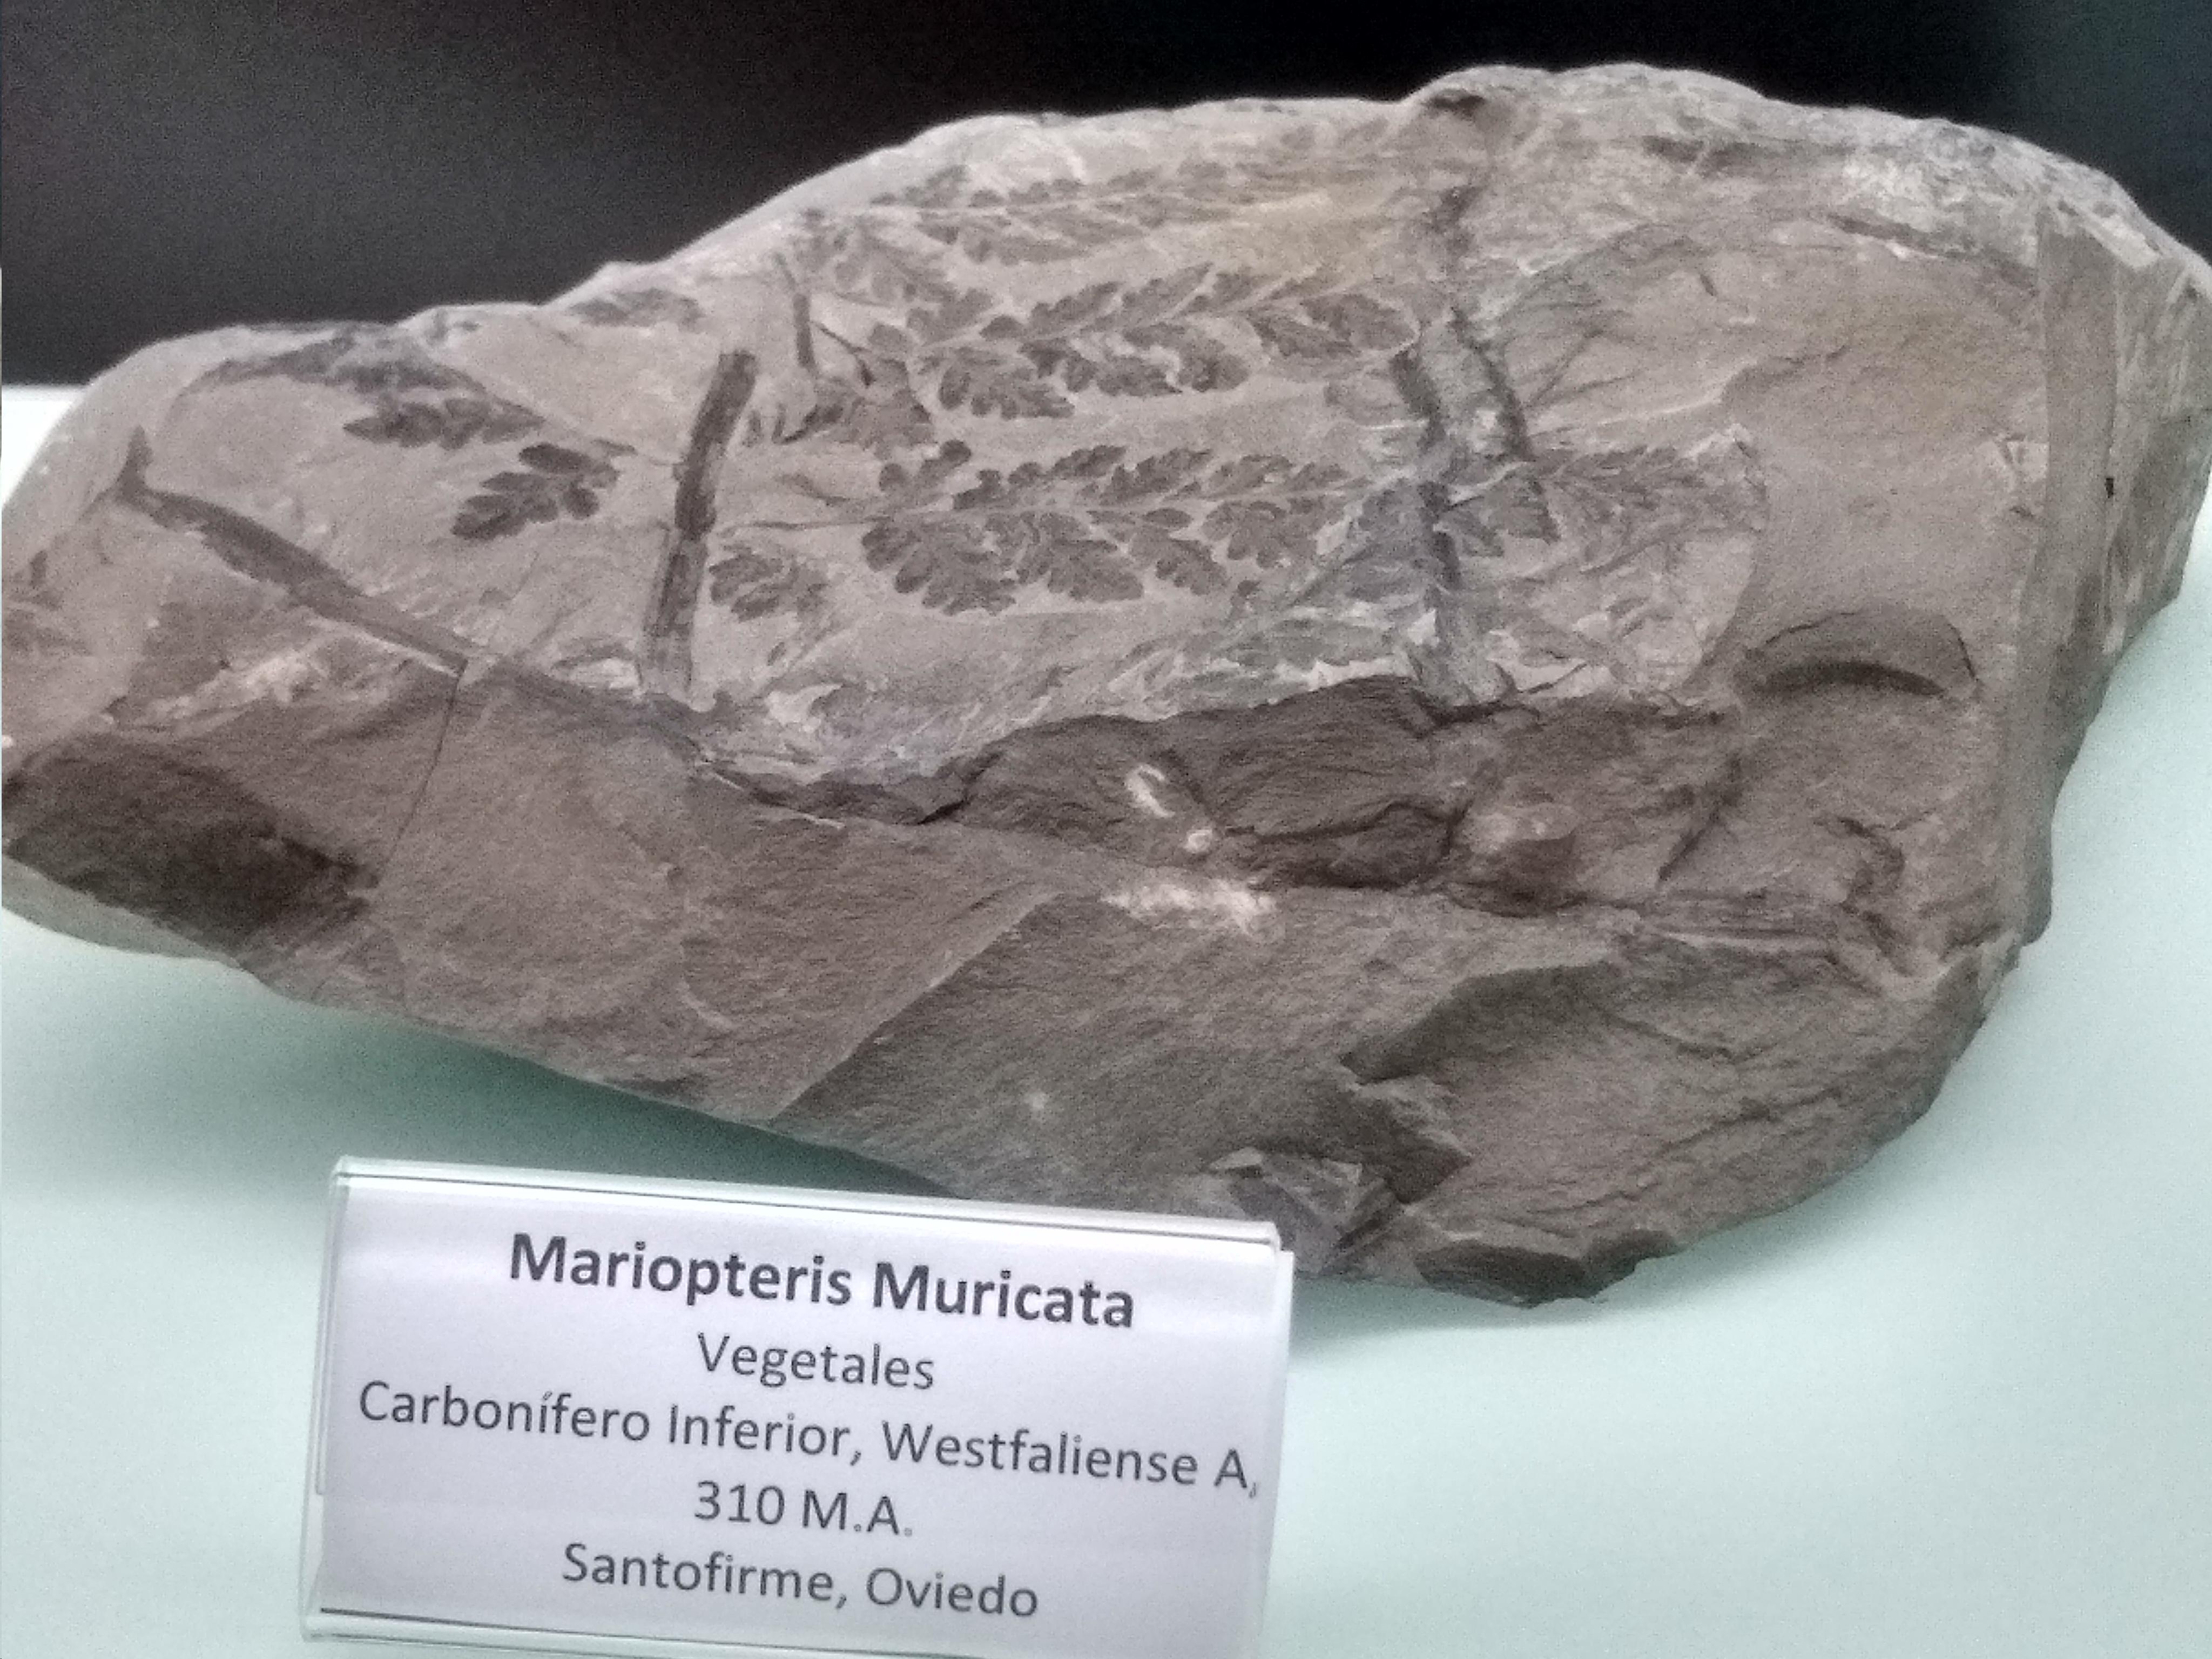 Fósil vegetal de Mariopteris Muricata, es una plantita con hojas similares al helecho